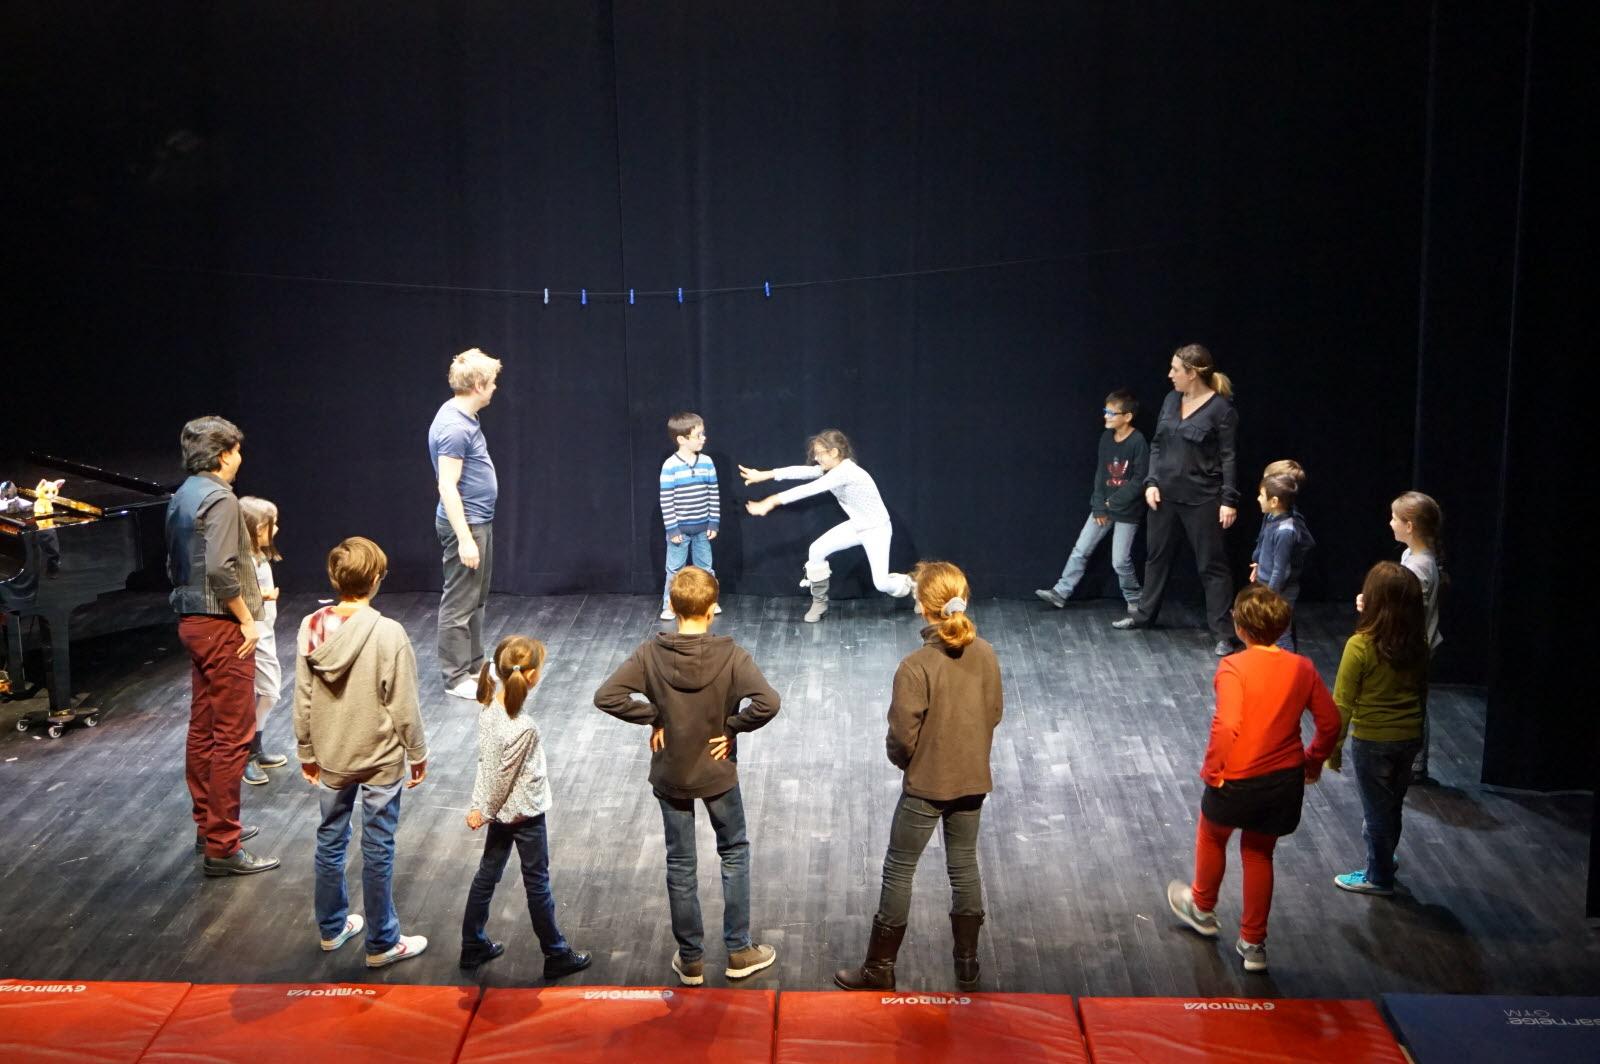 Théâtre d'improvisation : un jeu d'enfants !